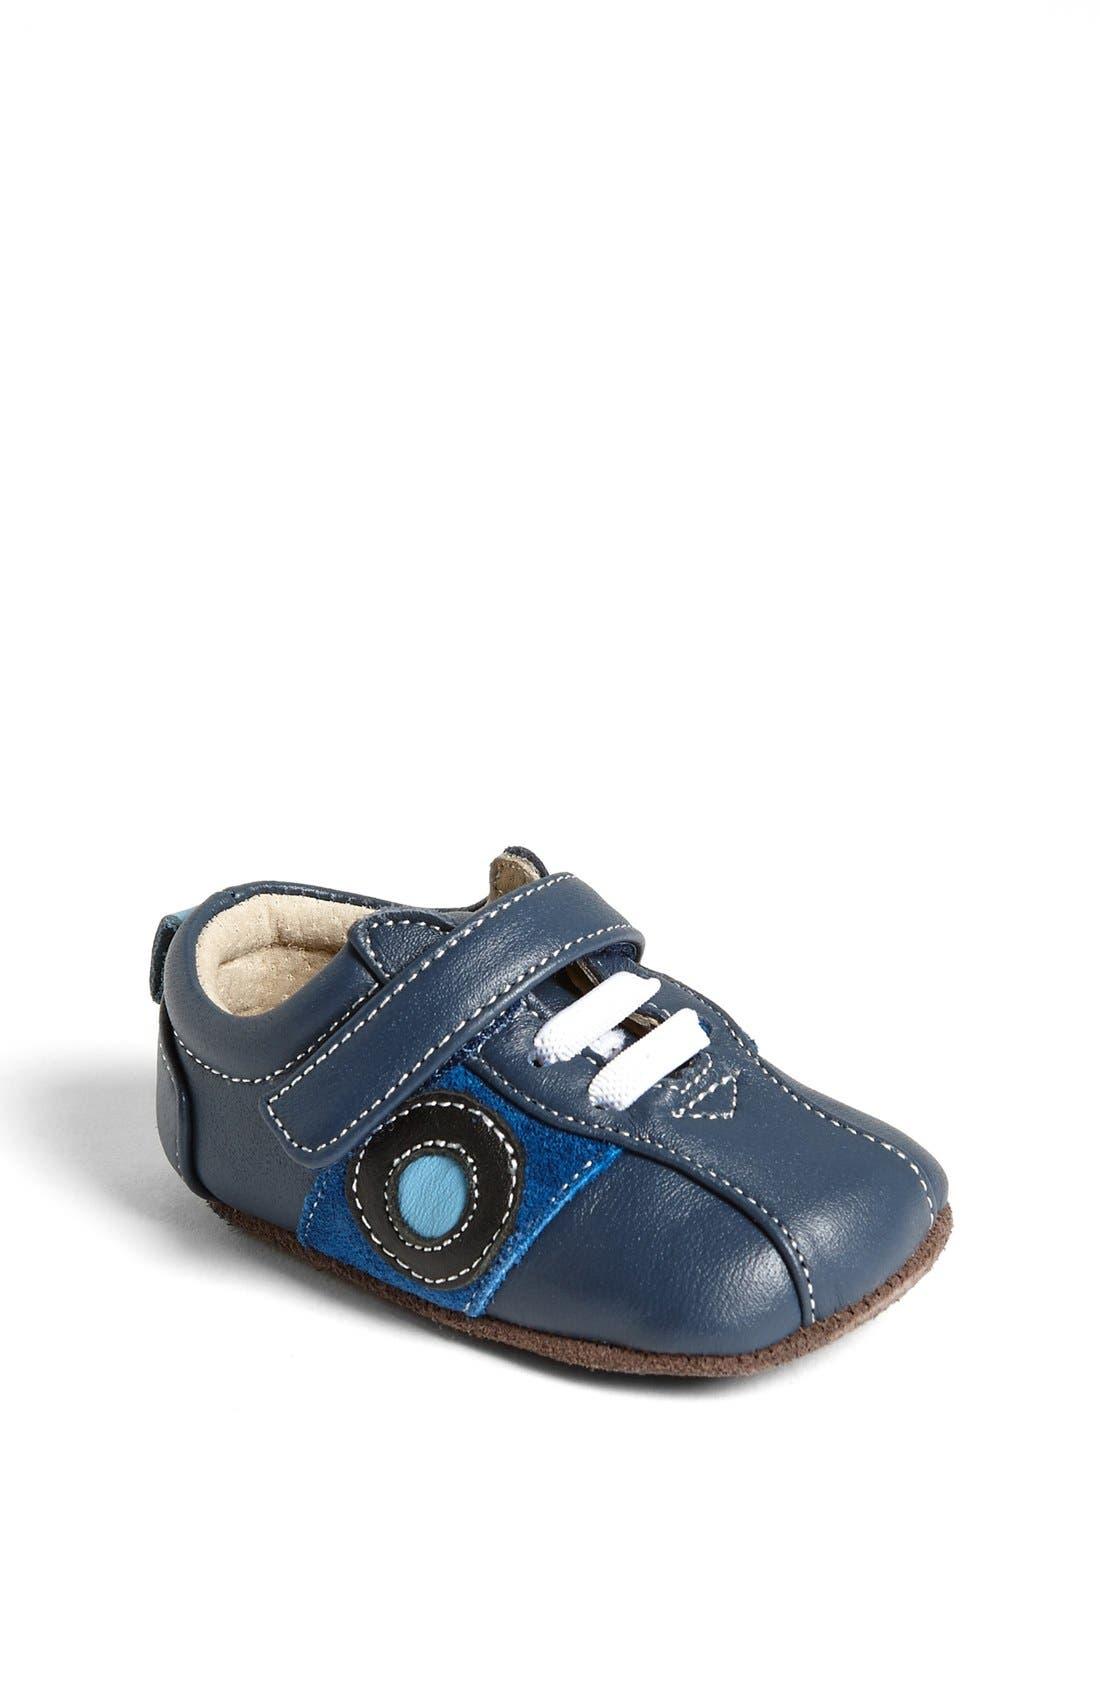 Alternate Image 1 Selected - See Kai Run 'Seamus' Crib Shoe (Baby & Walker)